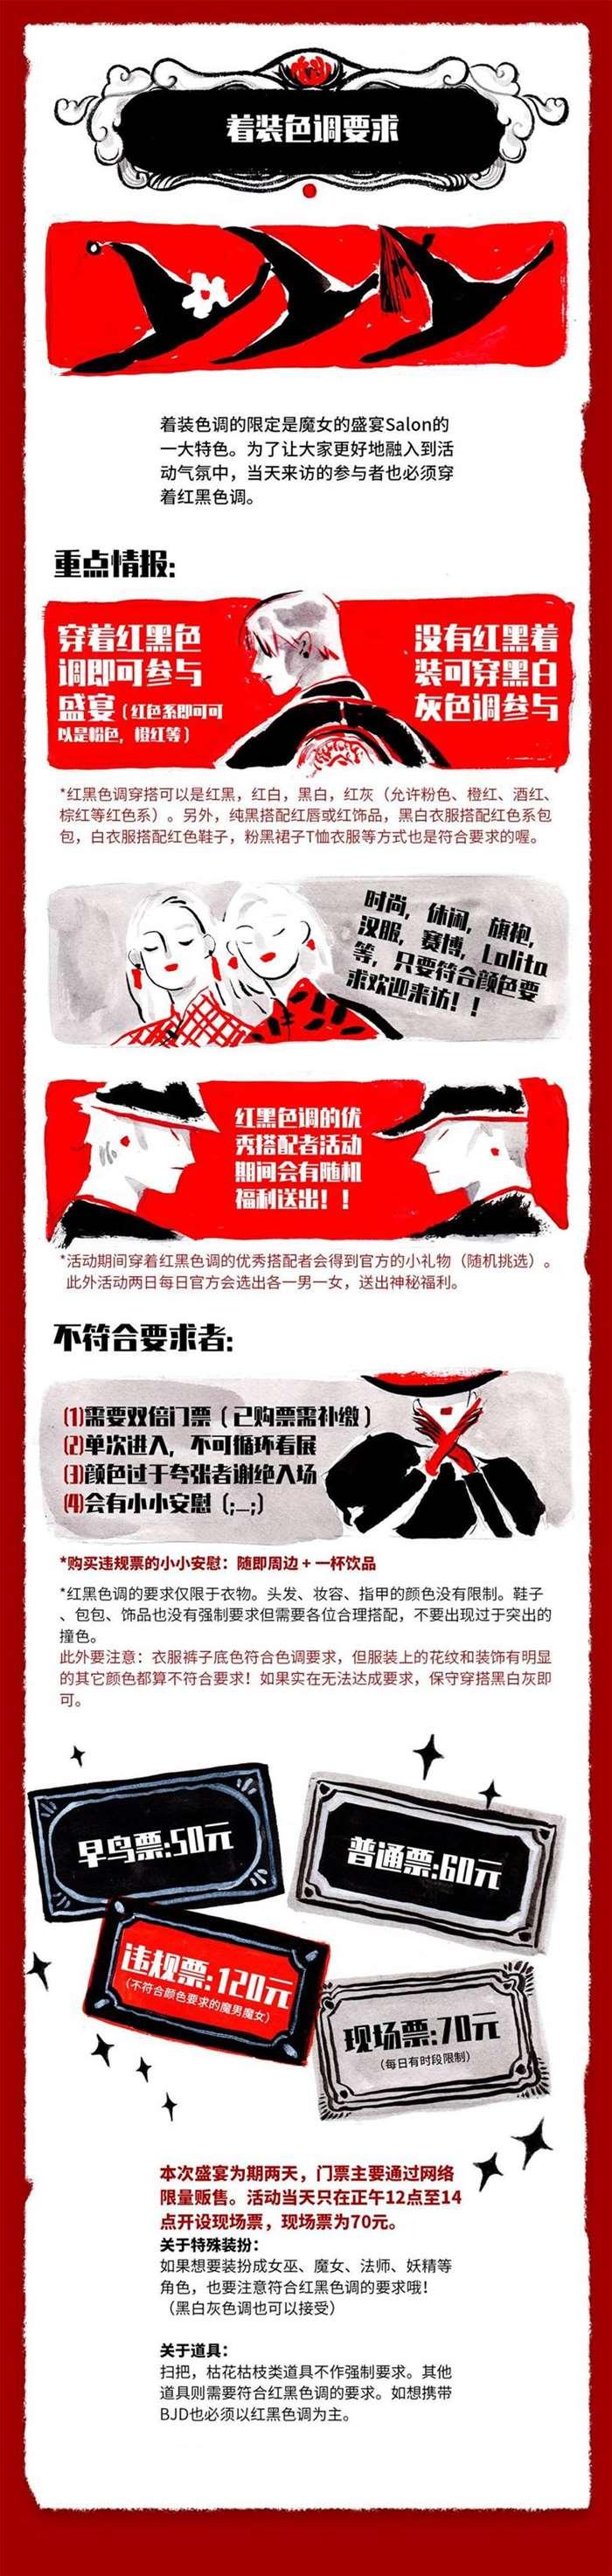 魔女盛宴二正式宣传服装01.jpg